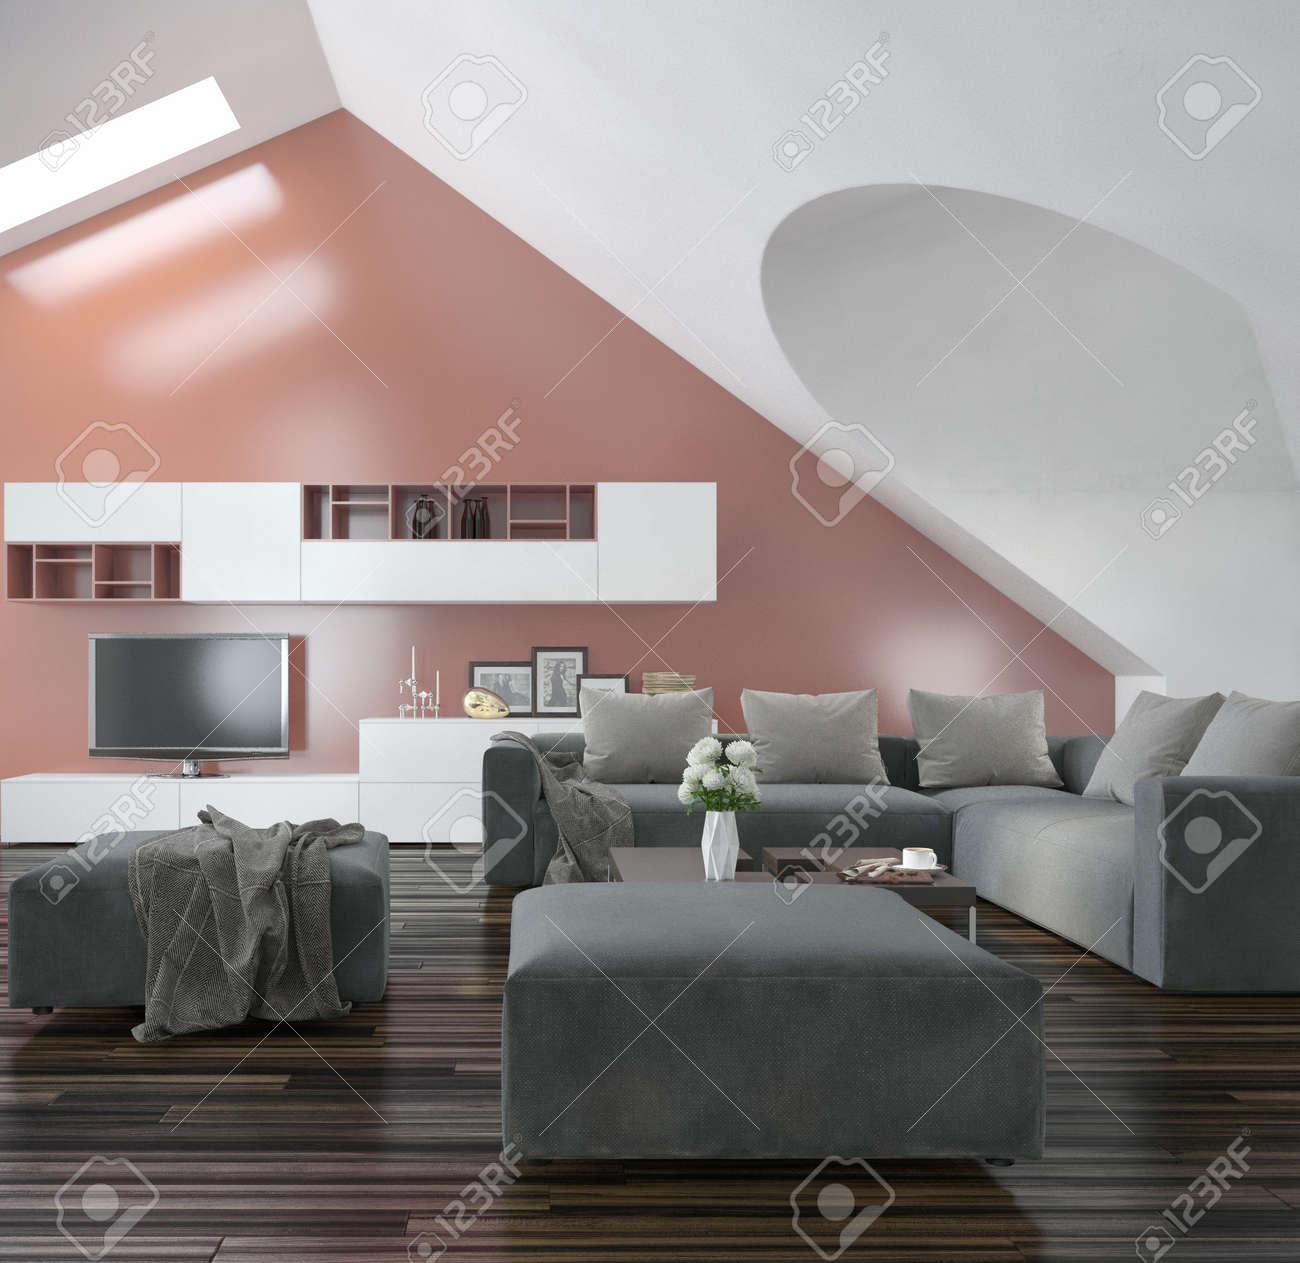 Salon Moderne Avec Murs Et Le Plafond En Pente Faitieres Avec Puits De Lumiere Un Parquet En Bois Meubles Moderne Gris Et Un Mur D Accent De Saumon